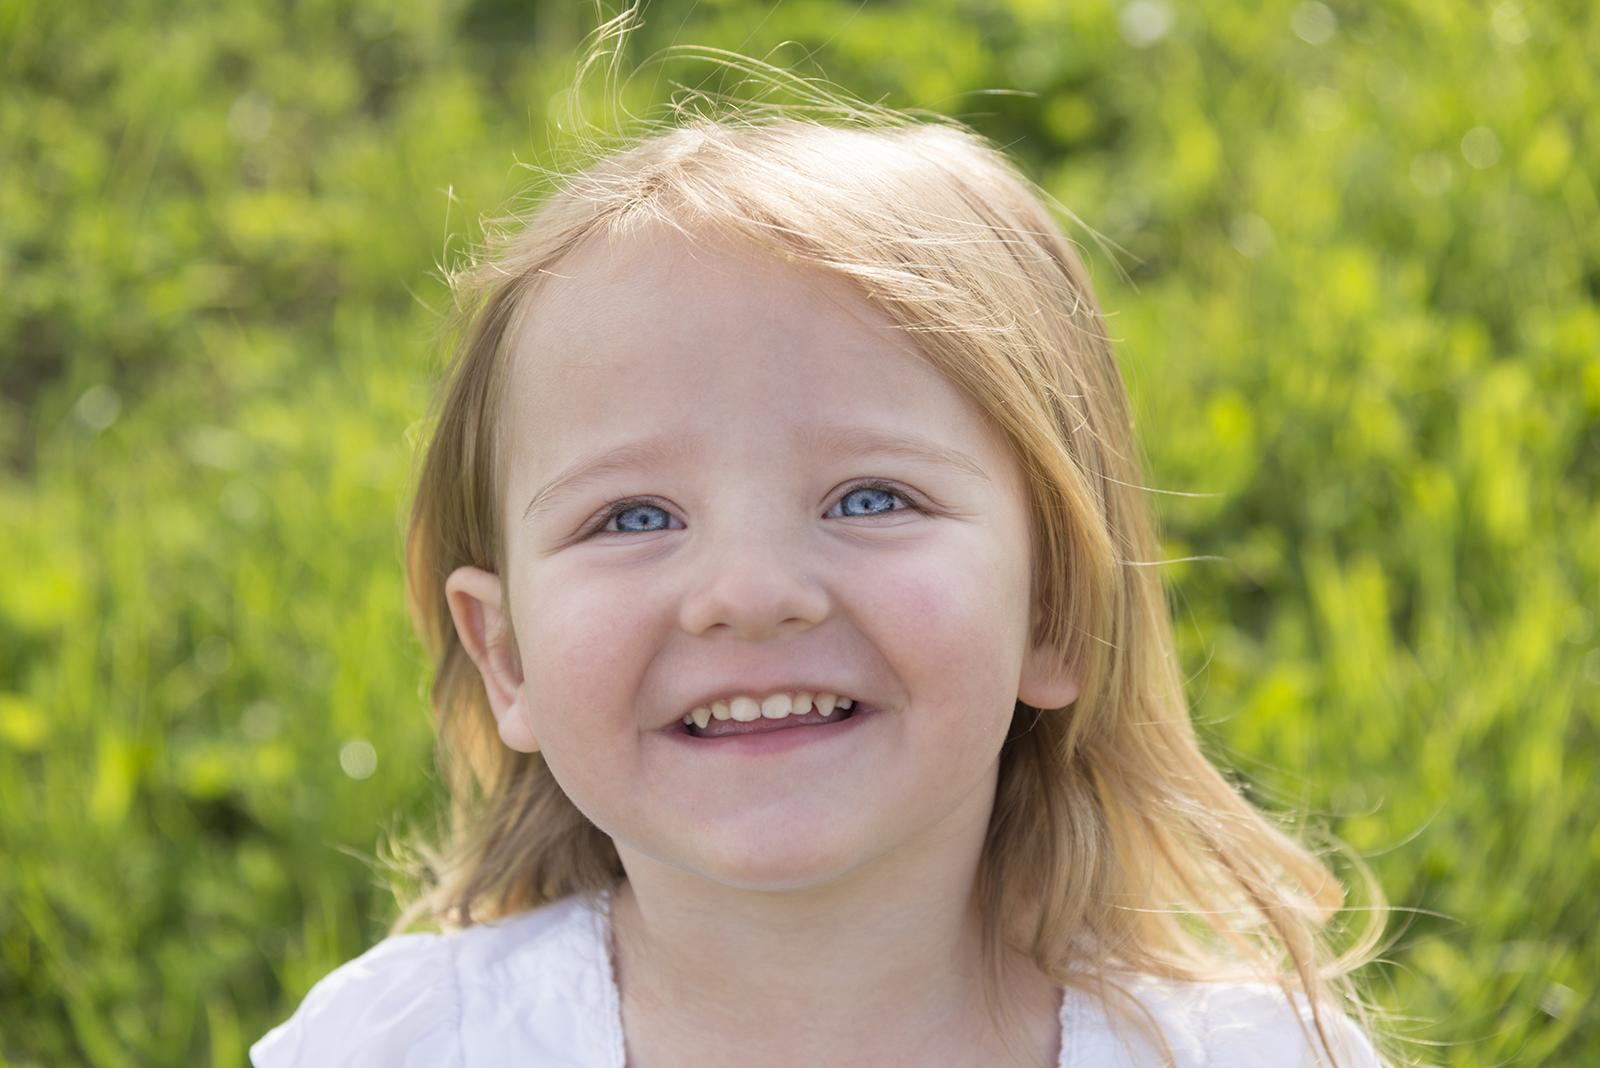 petite fille aux yeux bleus dans l'herbe